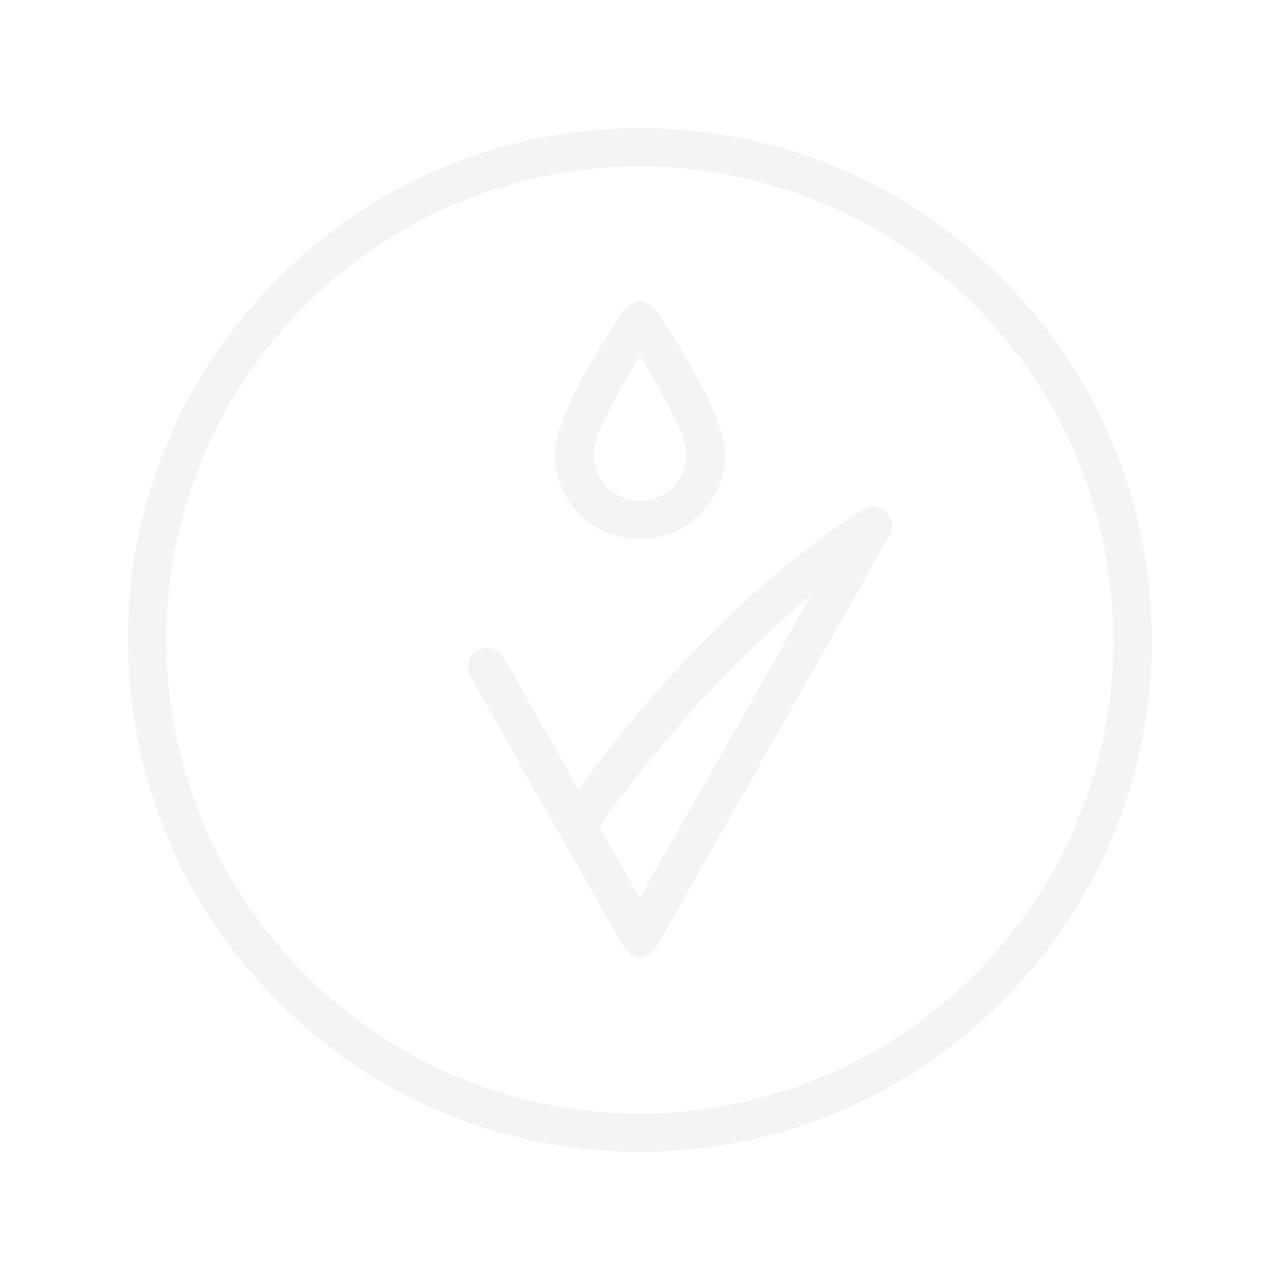 ALESSANDRO Nail Polish No.910 Rosy Wind 5ml